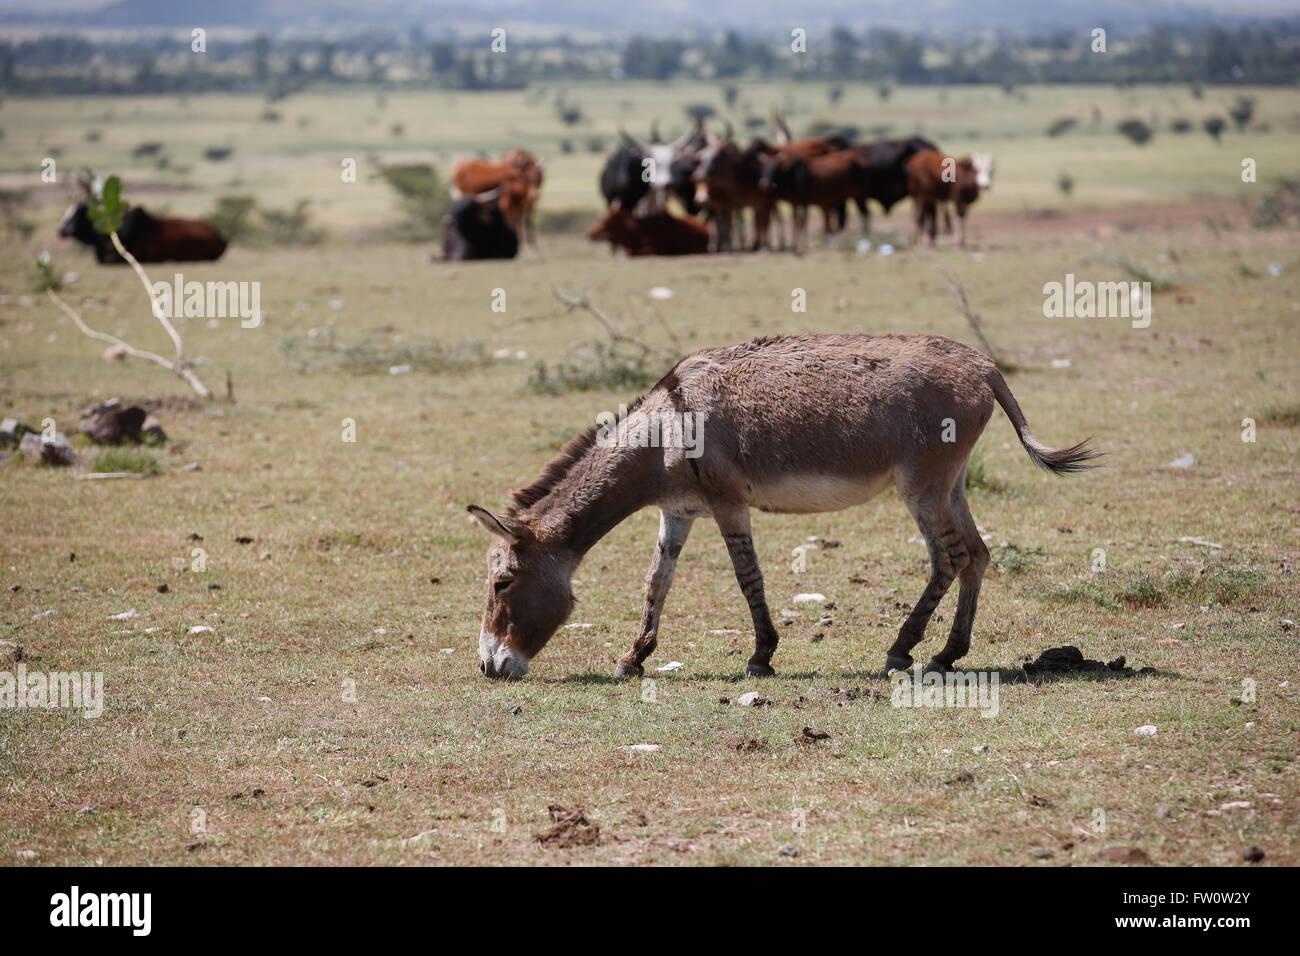 Entre Mojo et Ziway, Éthiopie, Octobre 2013: Kumar, 42 ans, son propre parcours et son voisin d'animaux. Photo Stock